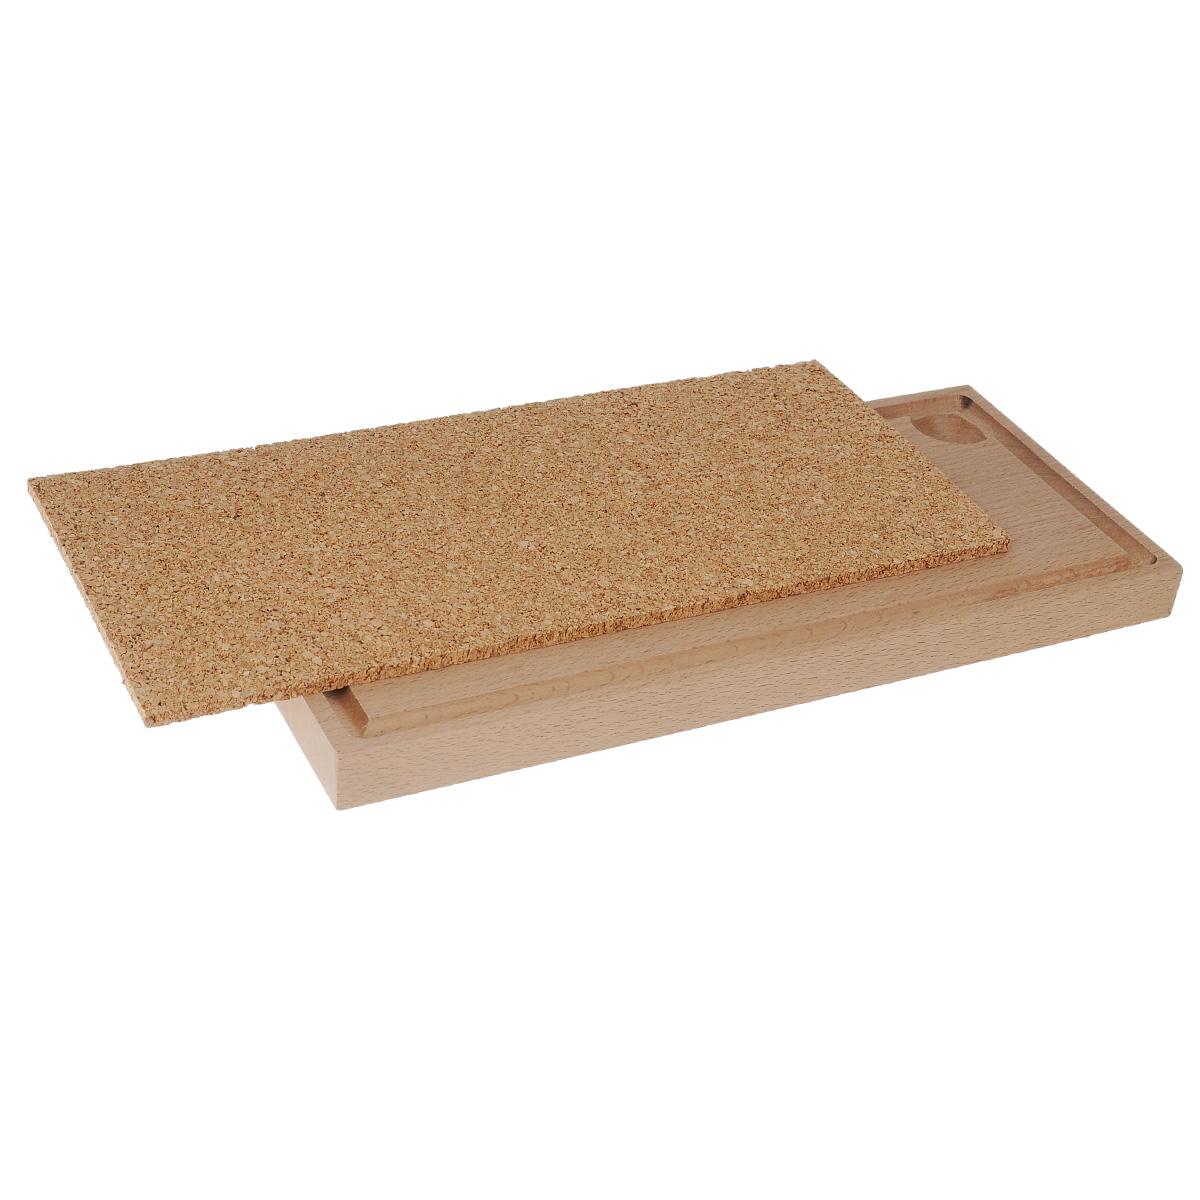 Доска для копчения, 34 см х 15 см х 2,2 см93-PIC-72-1Доска предназначена для копчения. На ней удобно готовить рыбу, мясо, птицу. Выполнена из бука с подставкой из пробкового дерева. Нет необходимости перекладывать в блюдо, можно подавать сразу на доске. Пробковая доска используется как подставка под горячее.Способ применения: перед первым использованием смазать доску оливковым маслом. Поместить доску в печь с температурой 100°С на два часа. Удалить с доски избыток масла. Бук, пробковое дерево